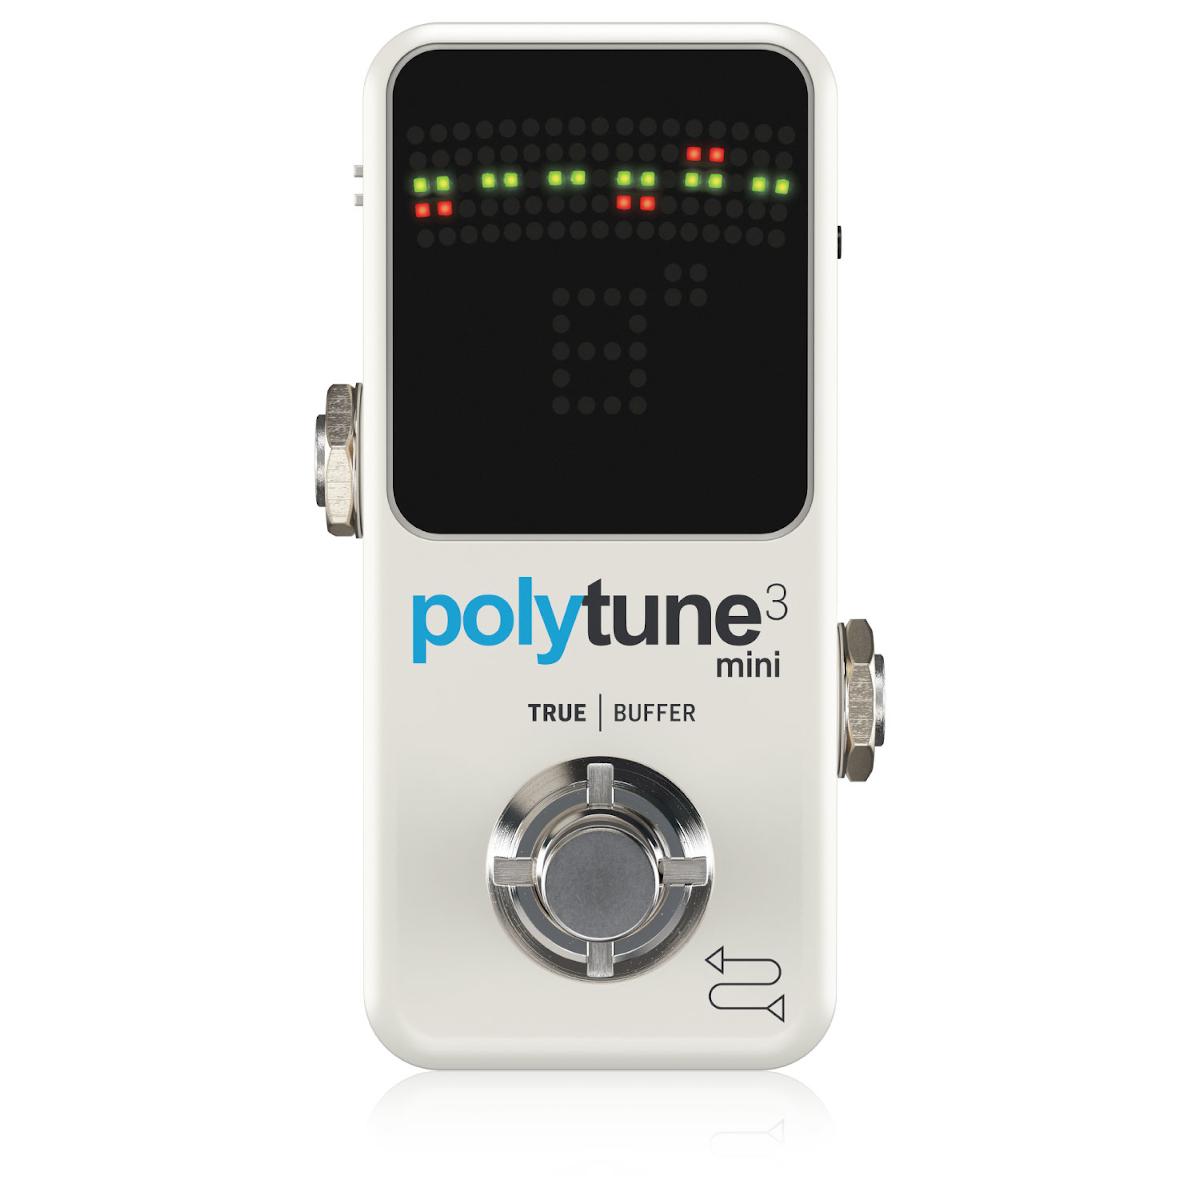 公式ショップ 多機能をコンパクトに収めたチューナー POLYTUNE 3 MINI 海外 ペダルチューナー